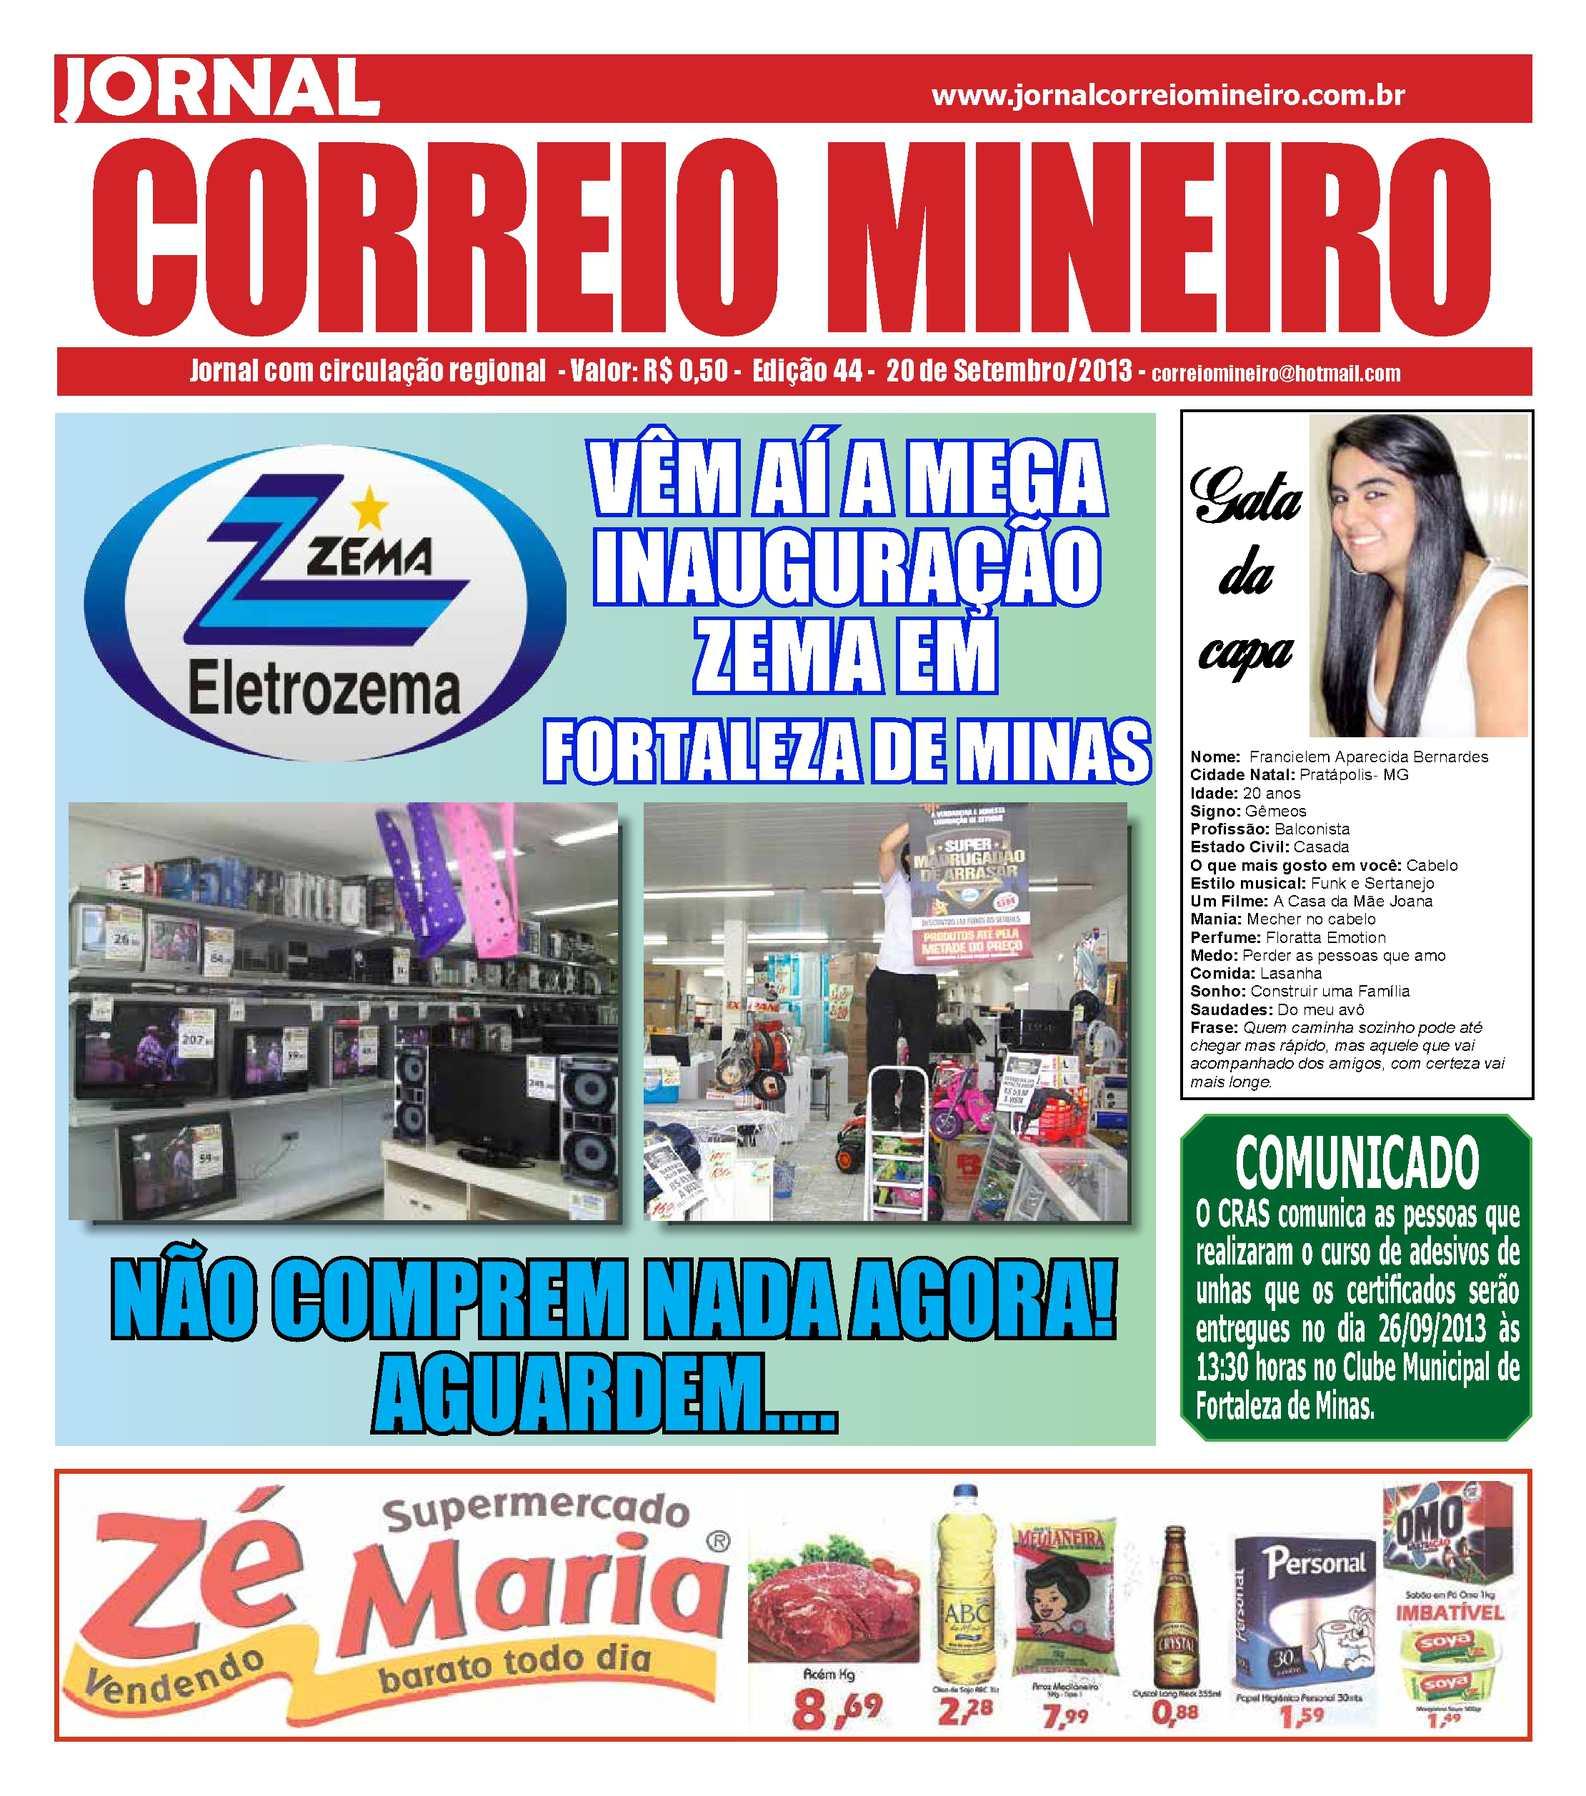 Calaméo - Edição de hoje dia 20-09-2013 - Jornal Correio Mineiro 86166b93aadd7